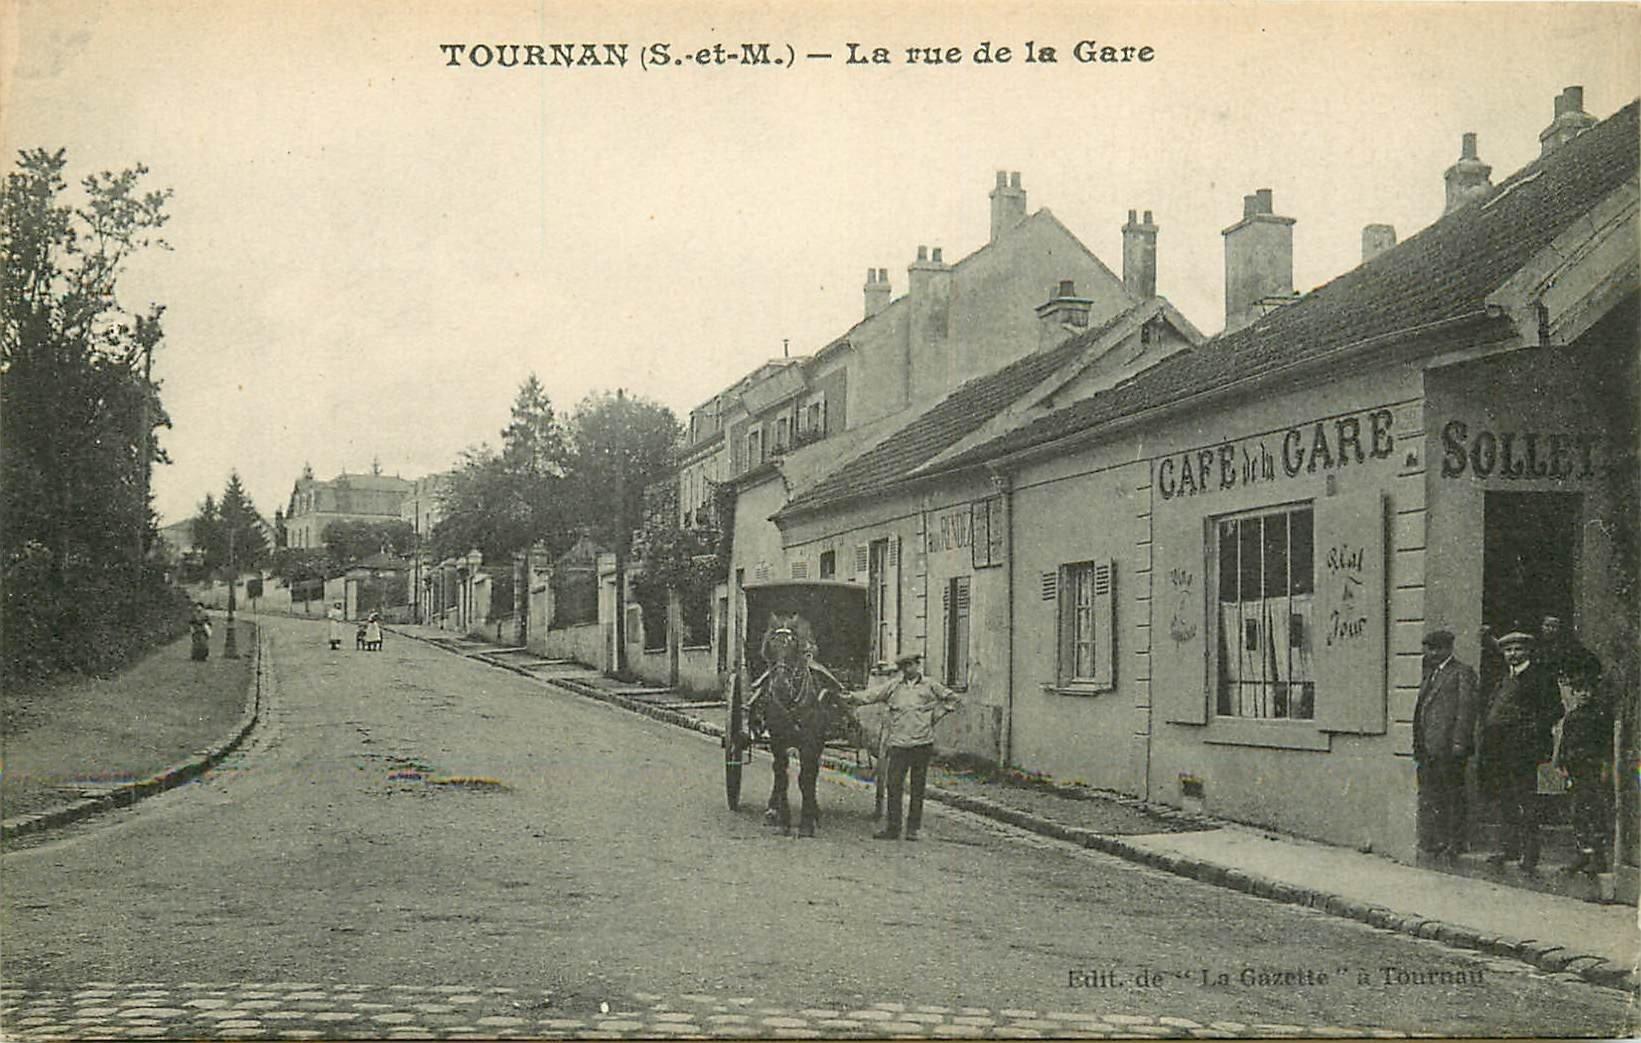 77 TOURNAN-EN-BRIE. Attelage devant le Café Sollet Rue de la Gare